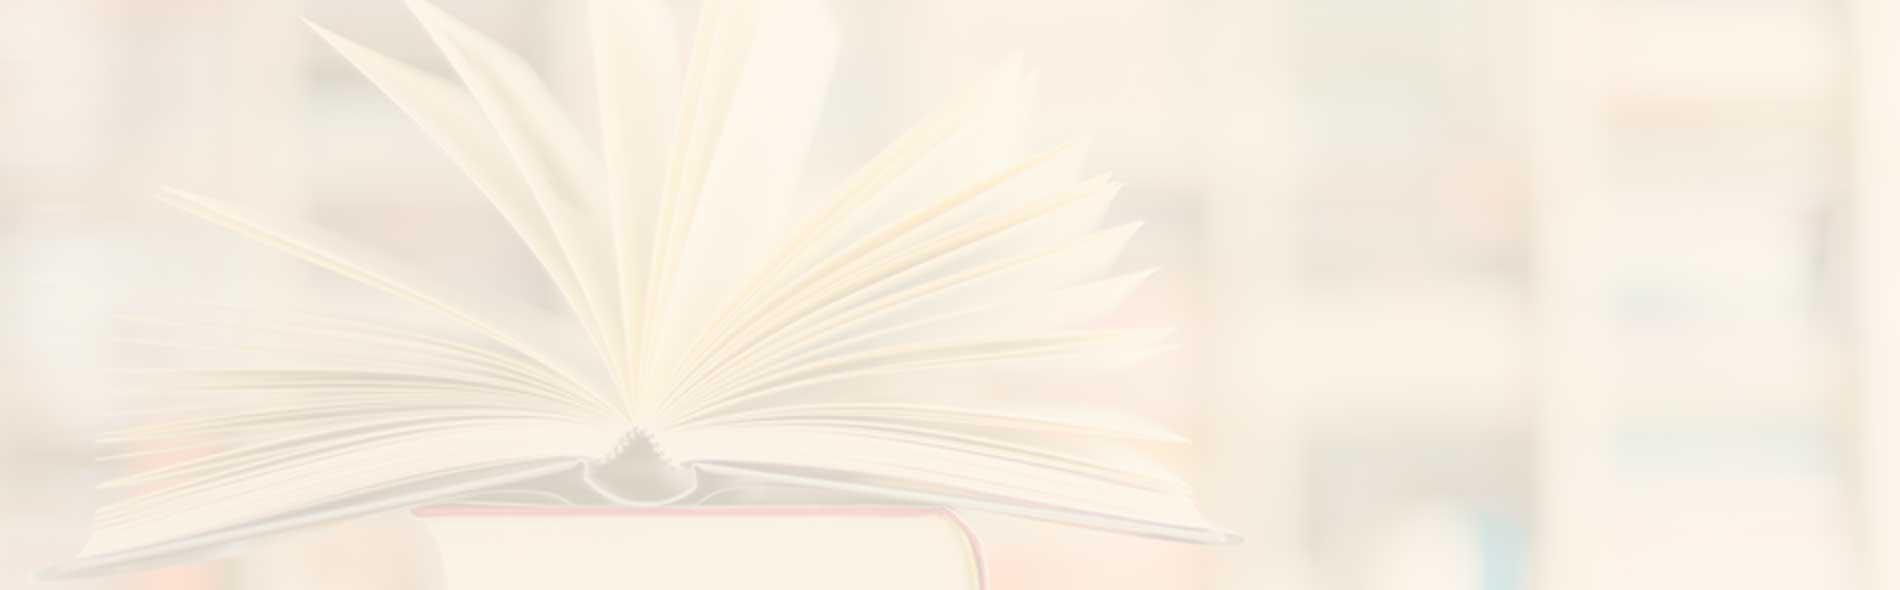 Papier Buch Reisinger